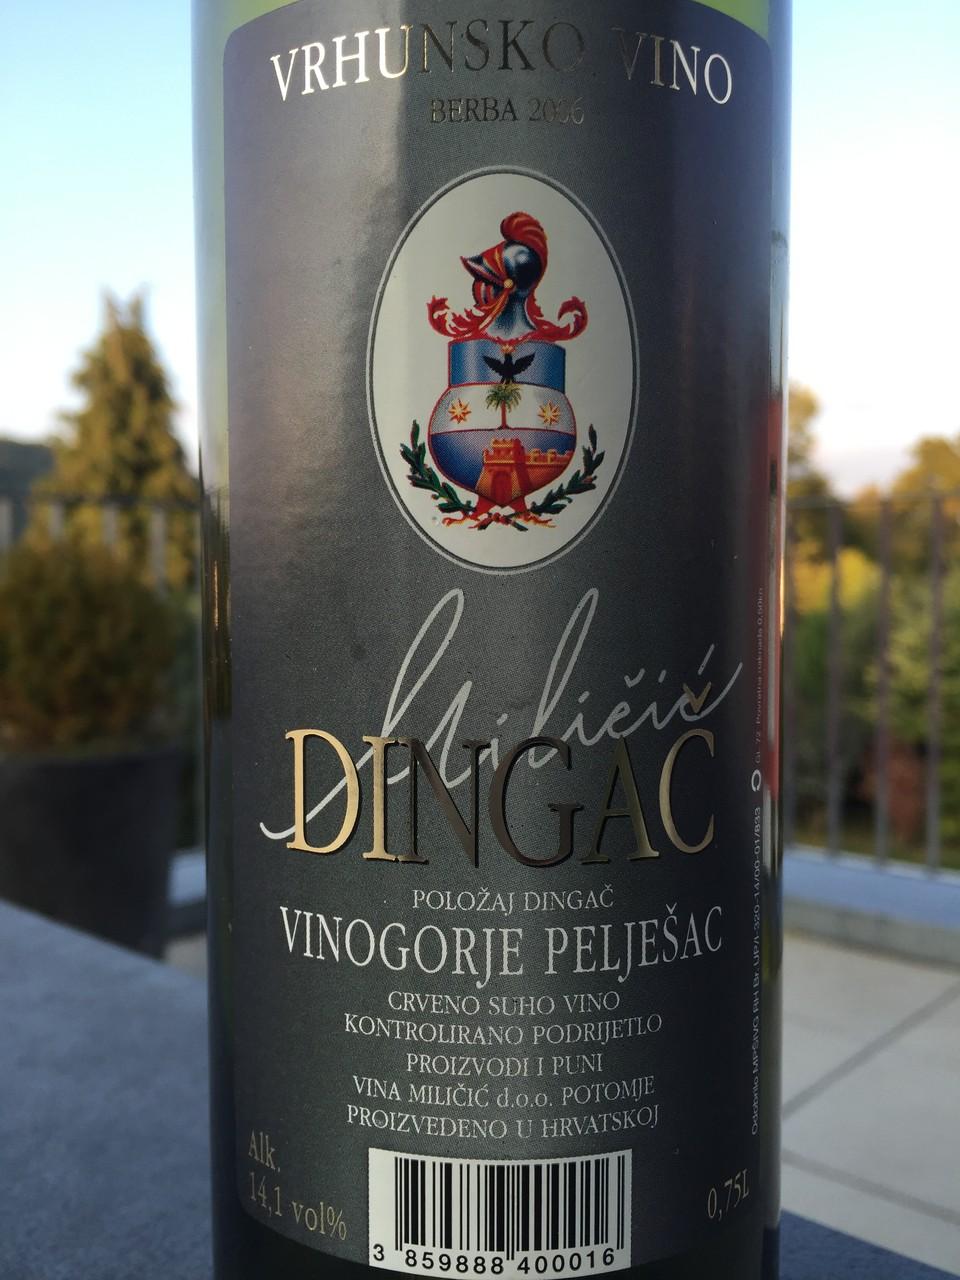 Dingac, Milicic, 2006